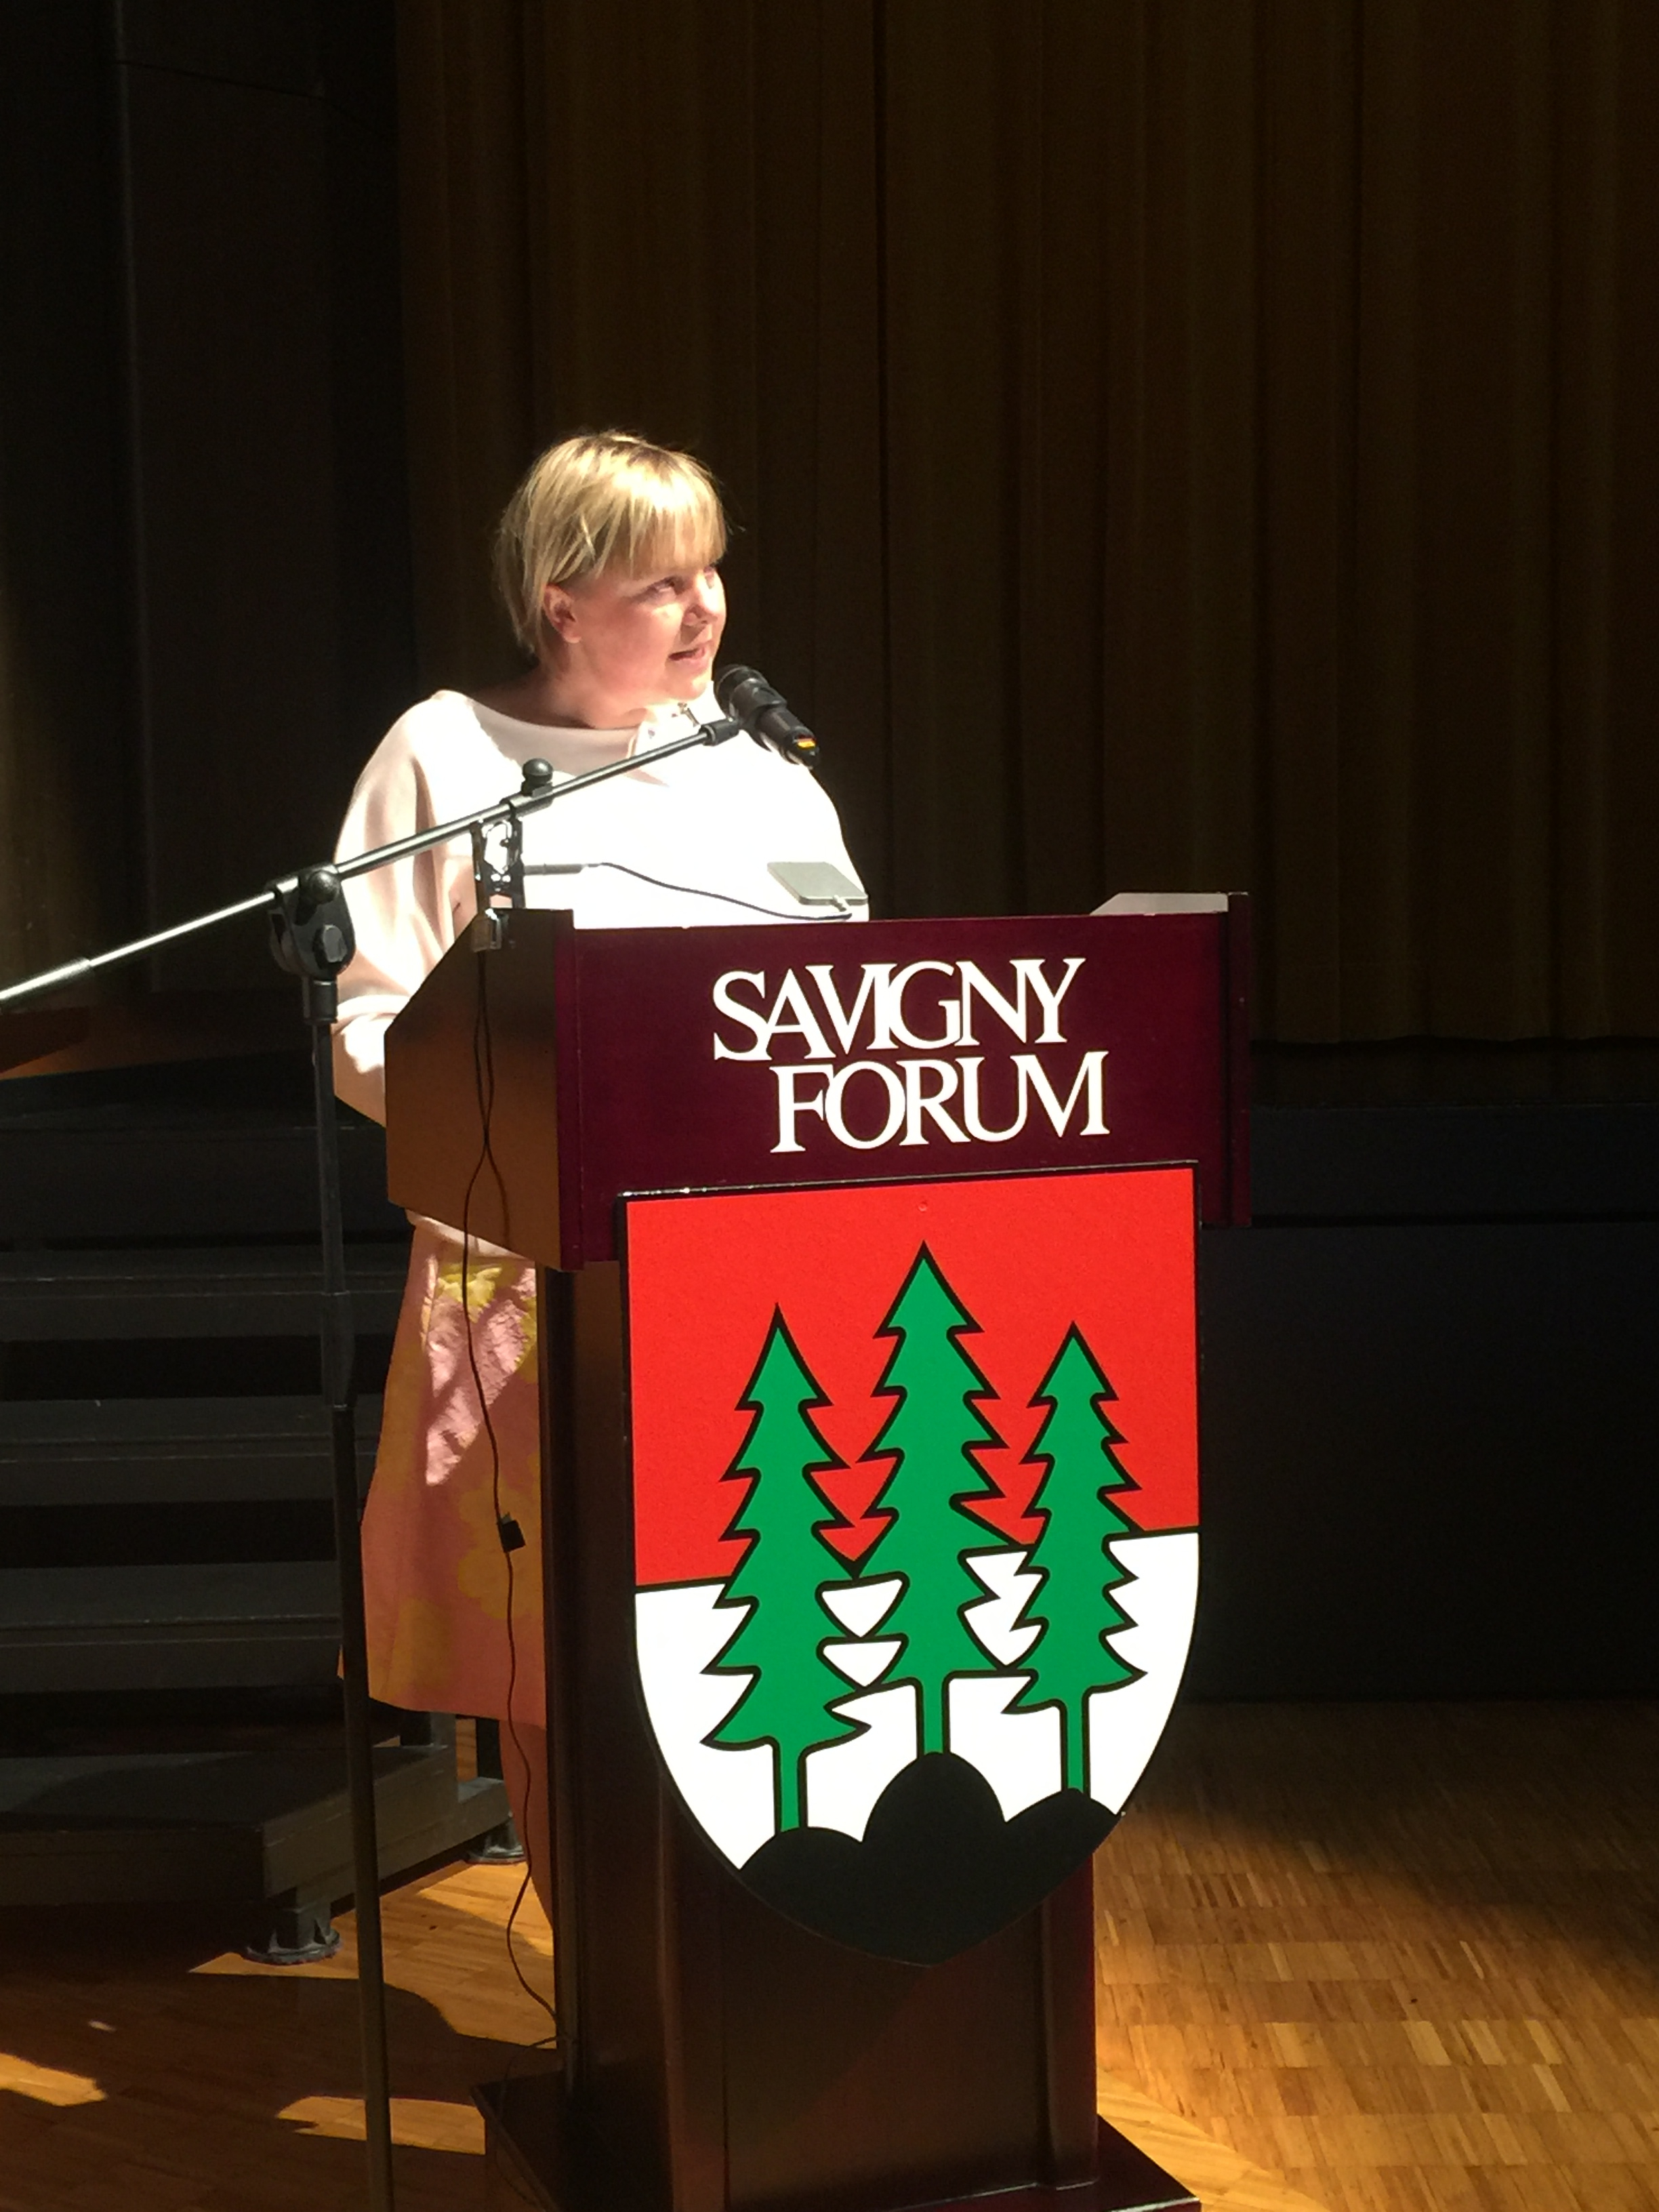 La syndique de Savigny Chantal Weidmann Yenny présente sa commune aux nouveaux Savignolans.